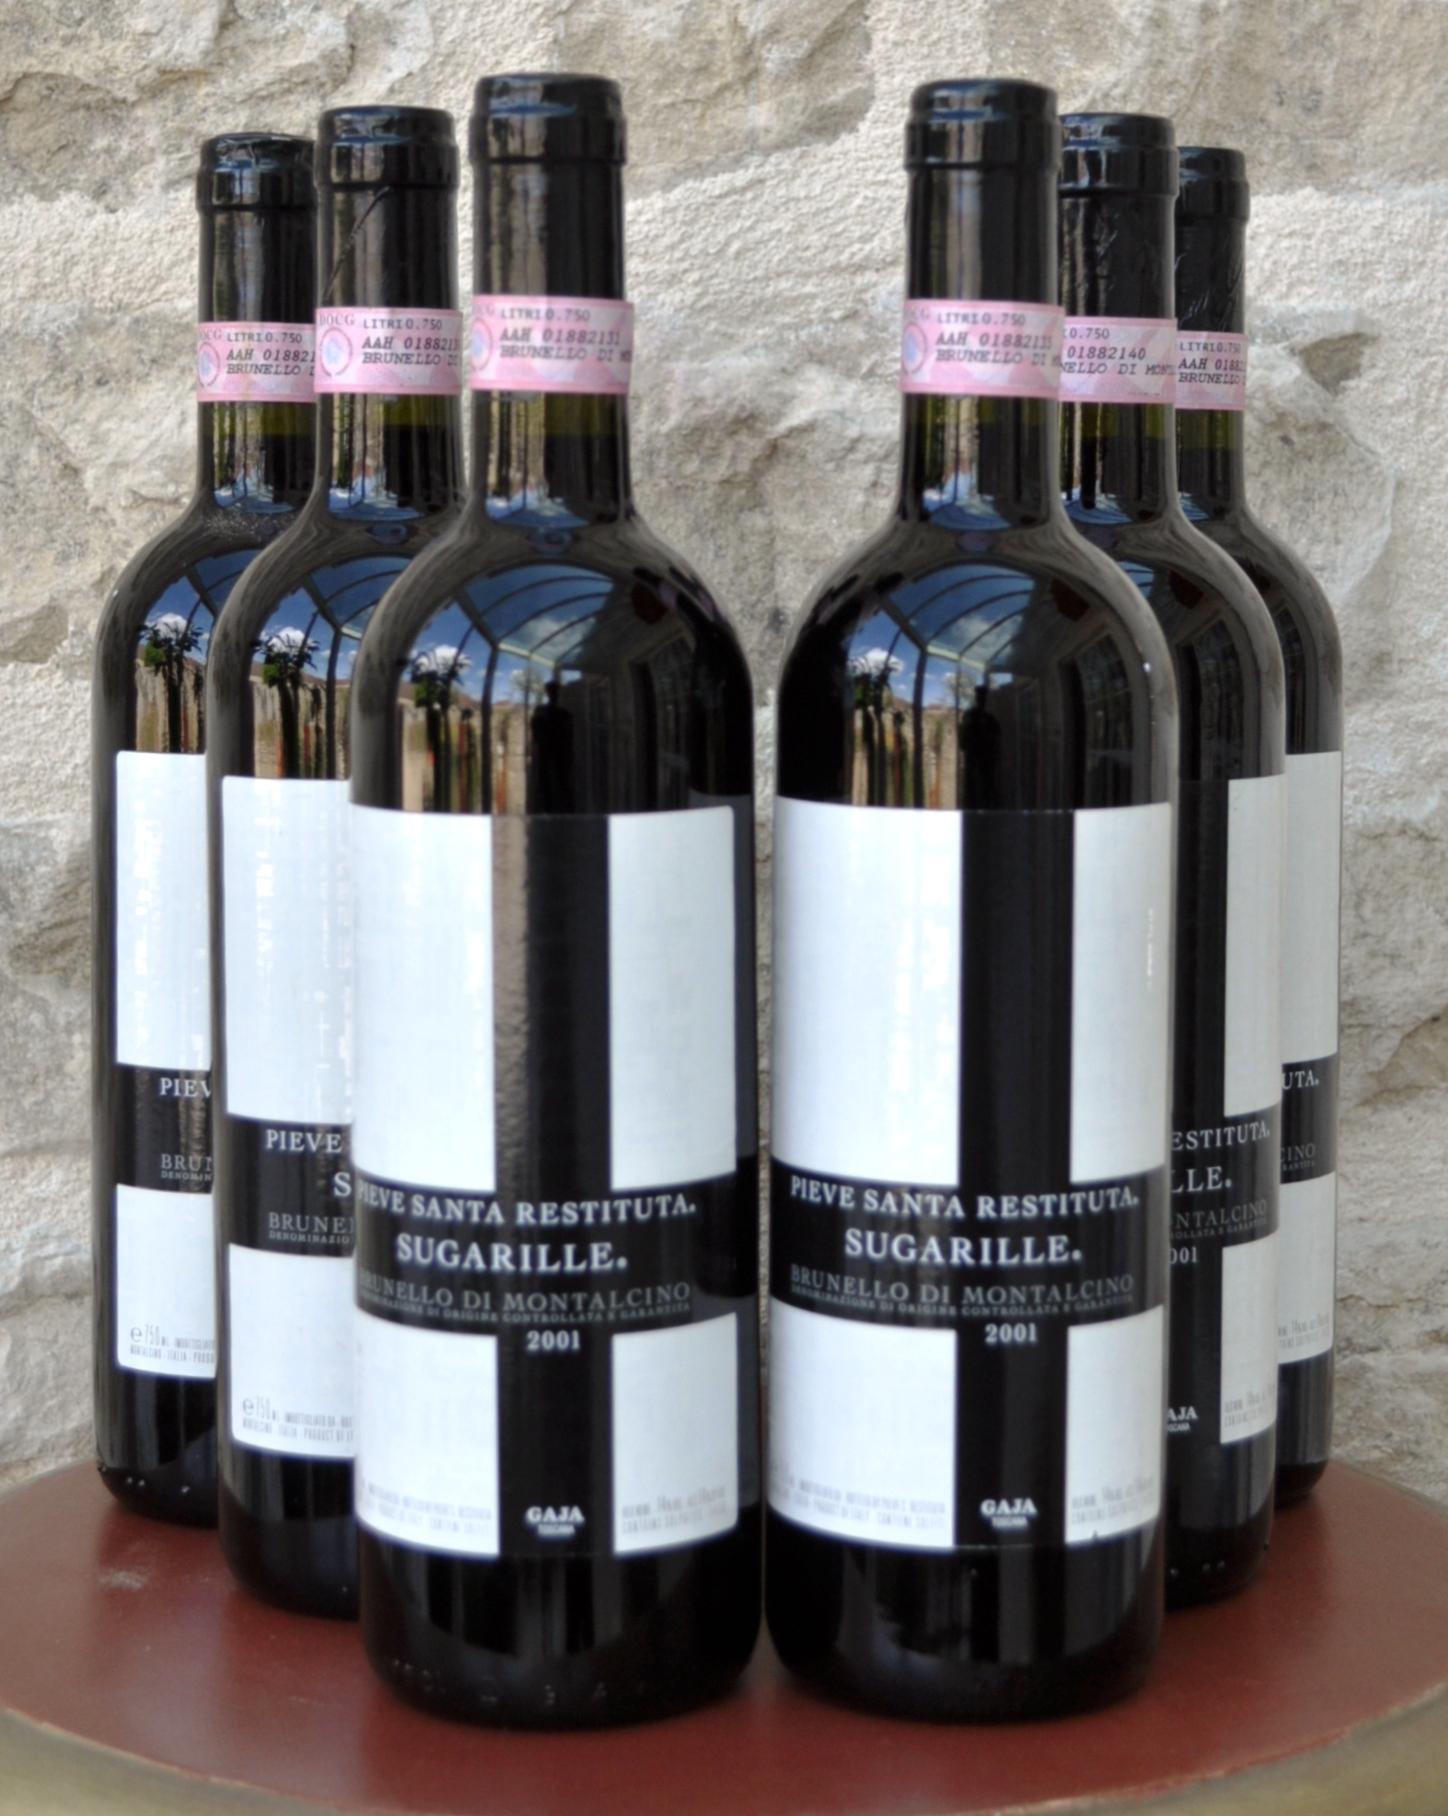 2001-Sugarille-Brunello-di-Montalcino-Gaja